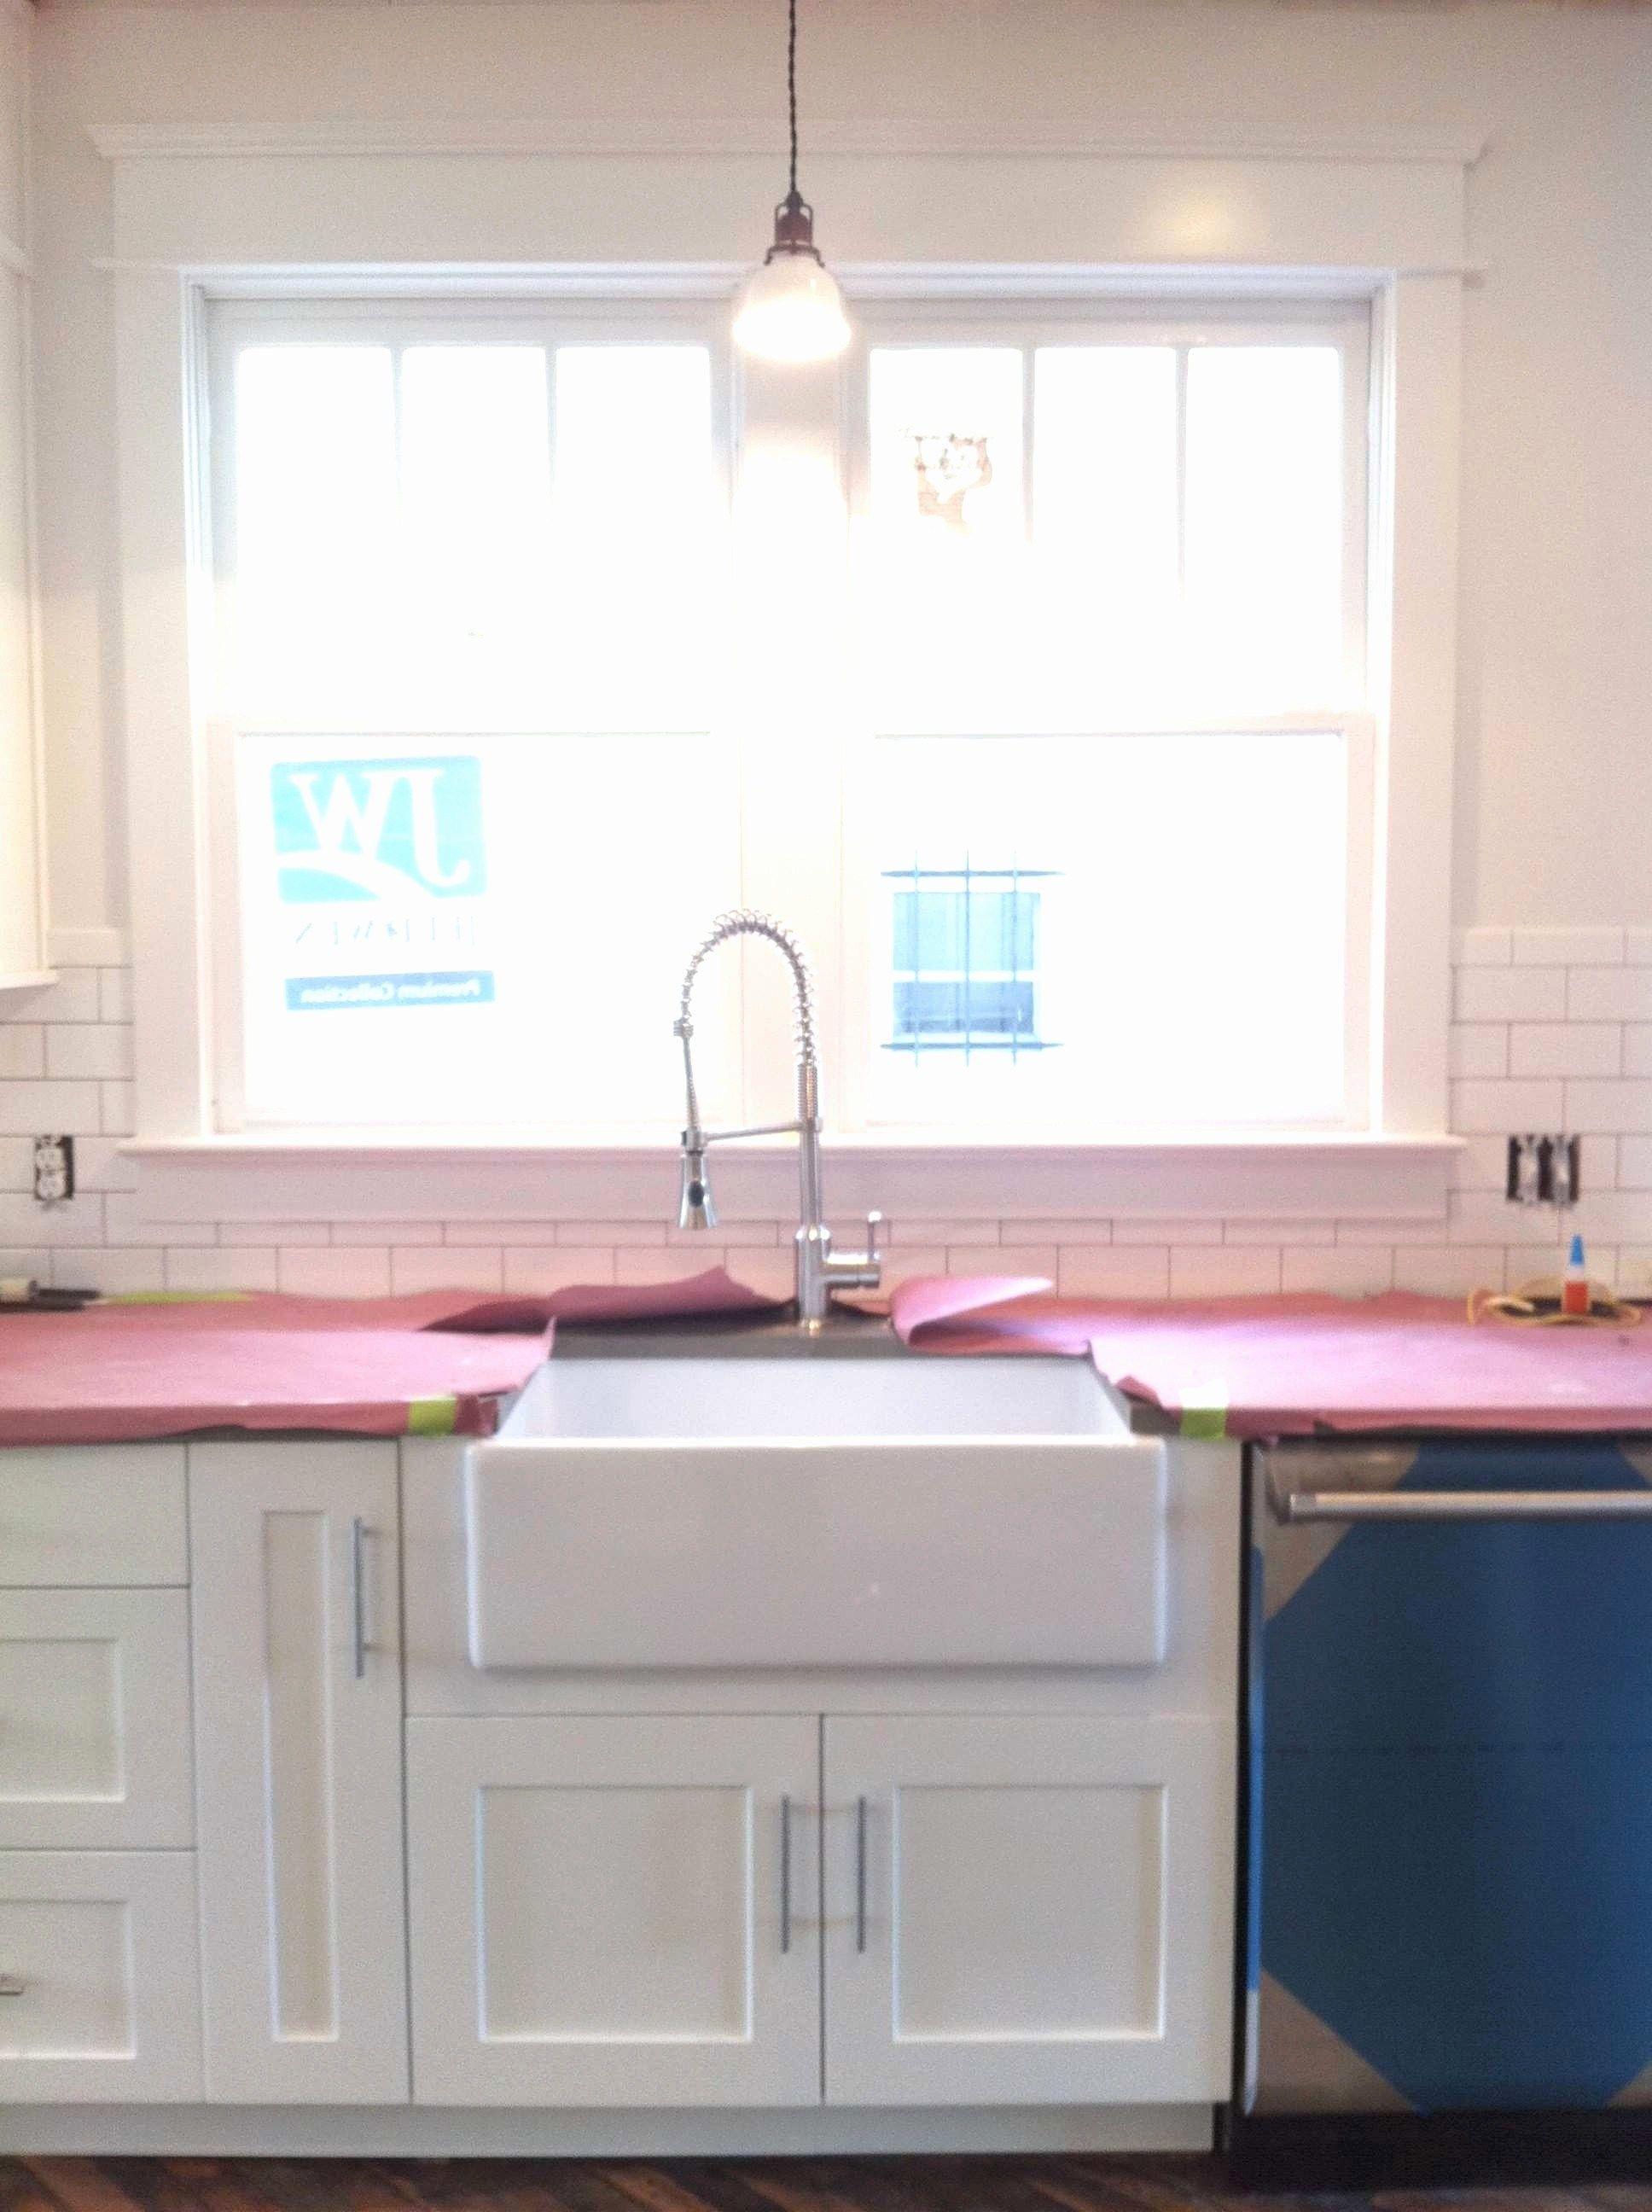 beautiful pendant light over kitchen sink kitchen sinks